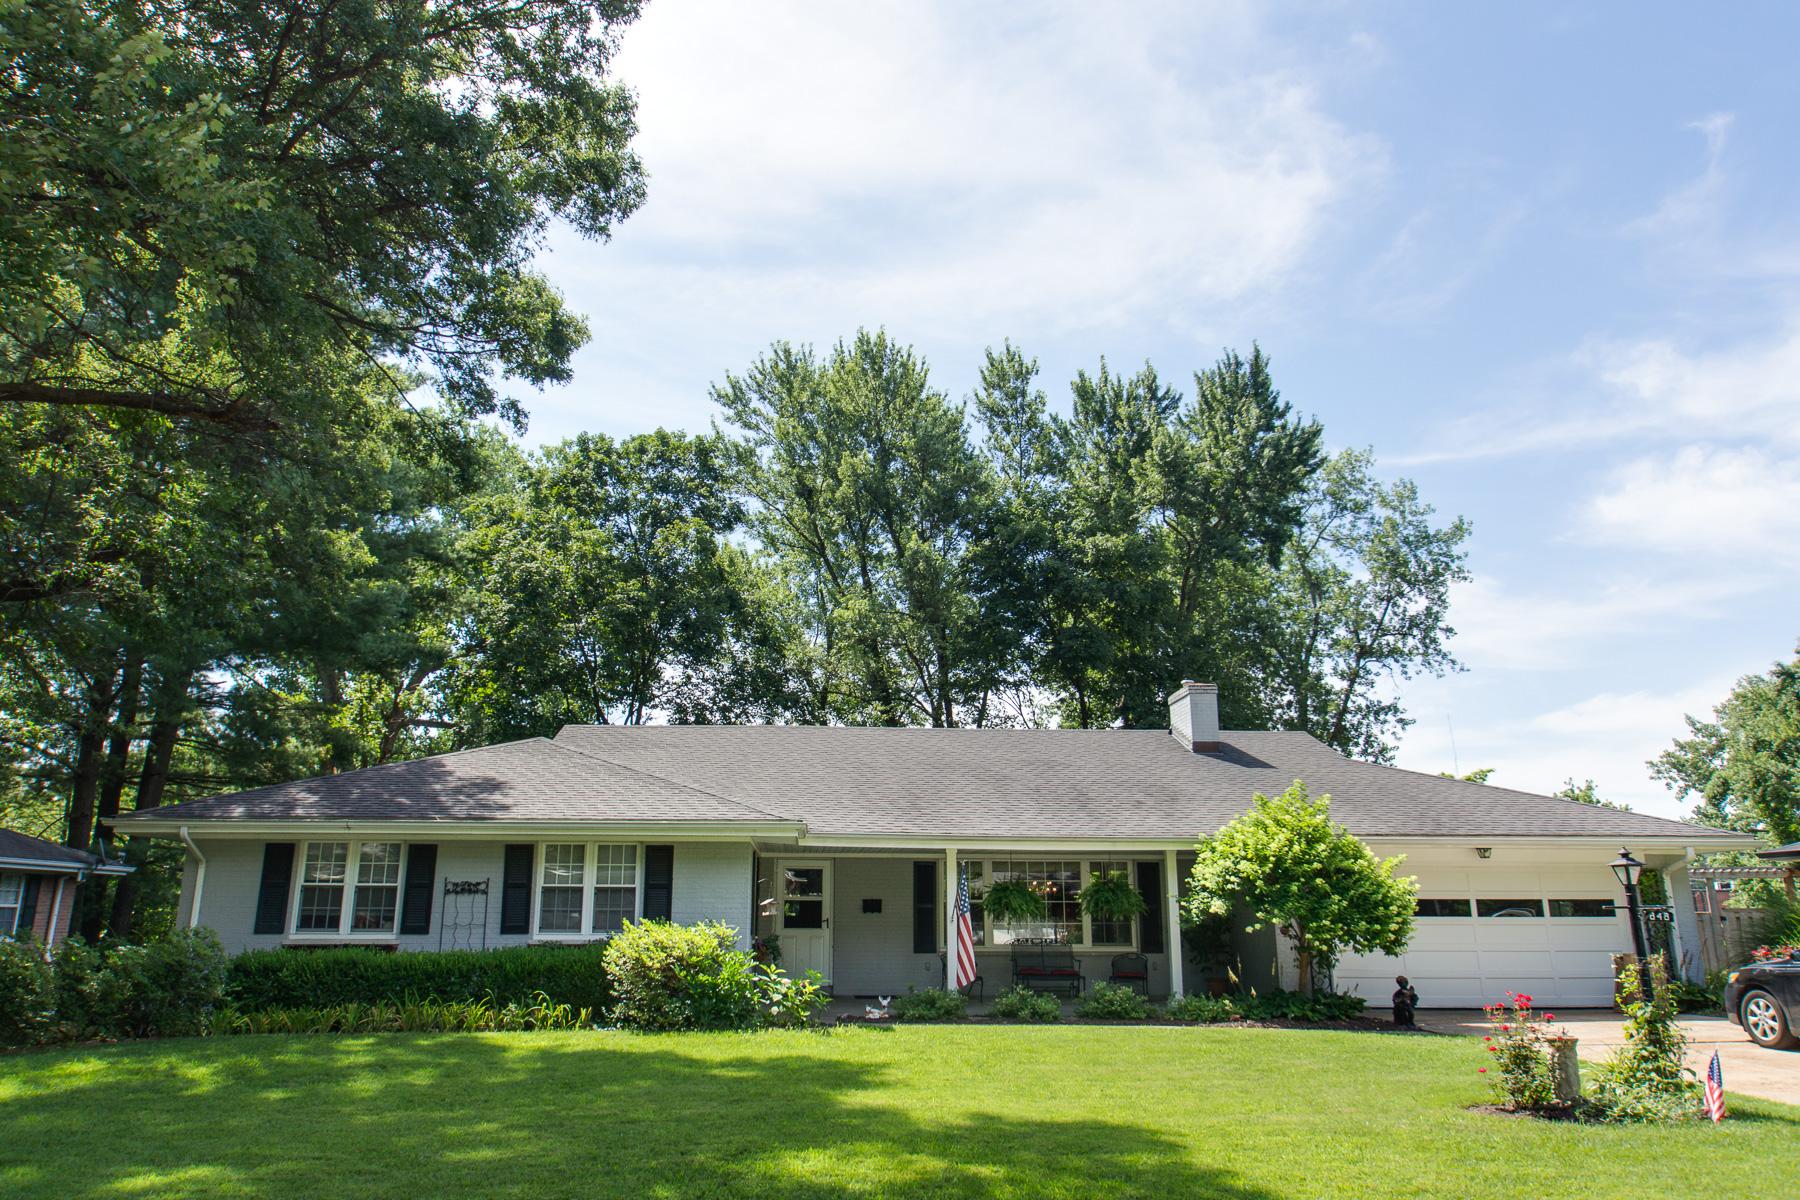 Частный односемейный дом для того Продажа на Renderer 848 Renderer Dr St. Louis, Миссури 63122 Соединенные Штаты